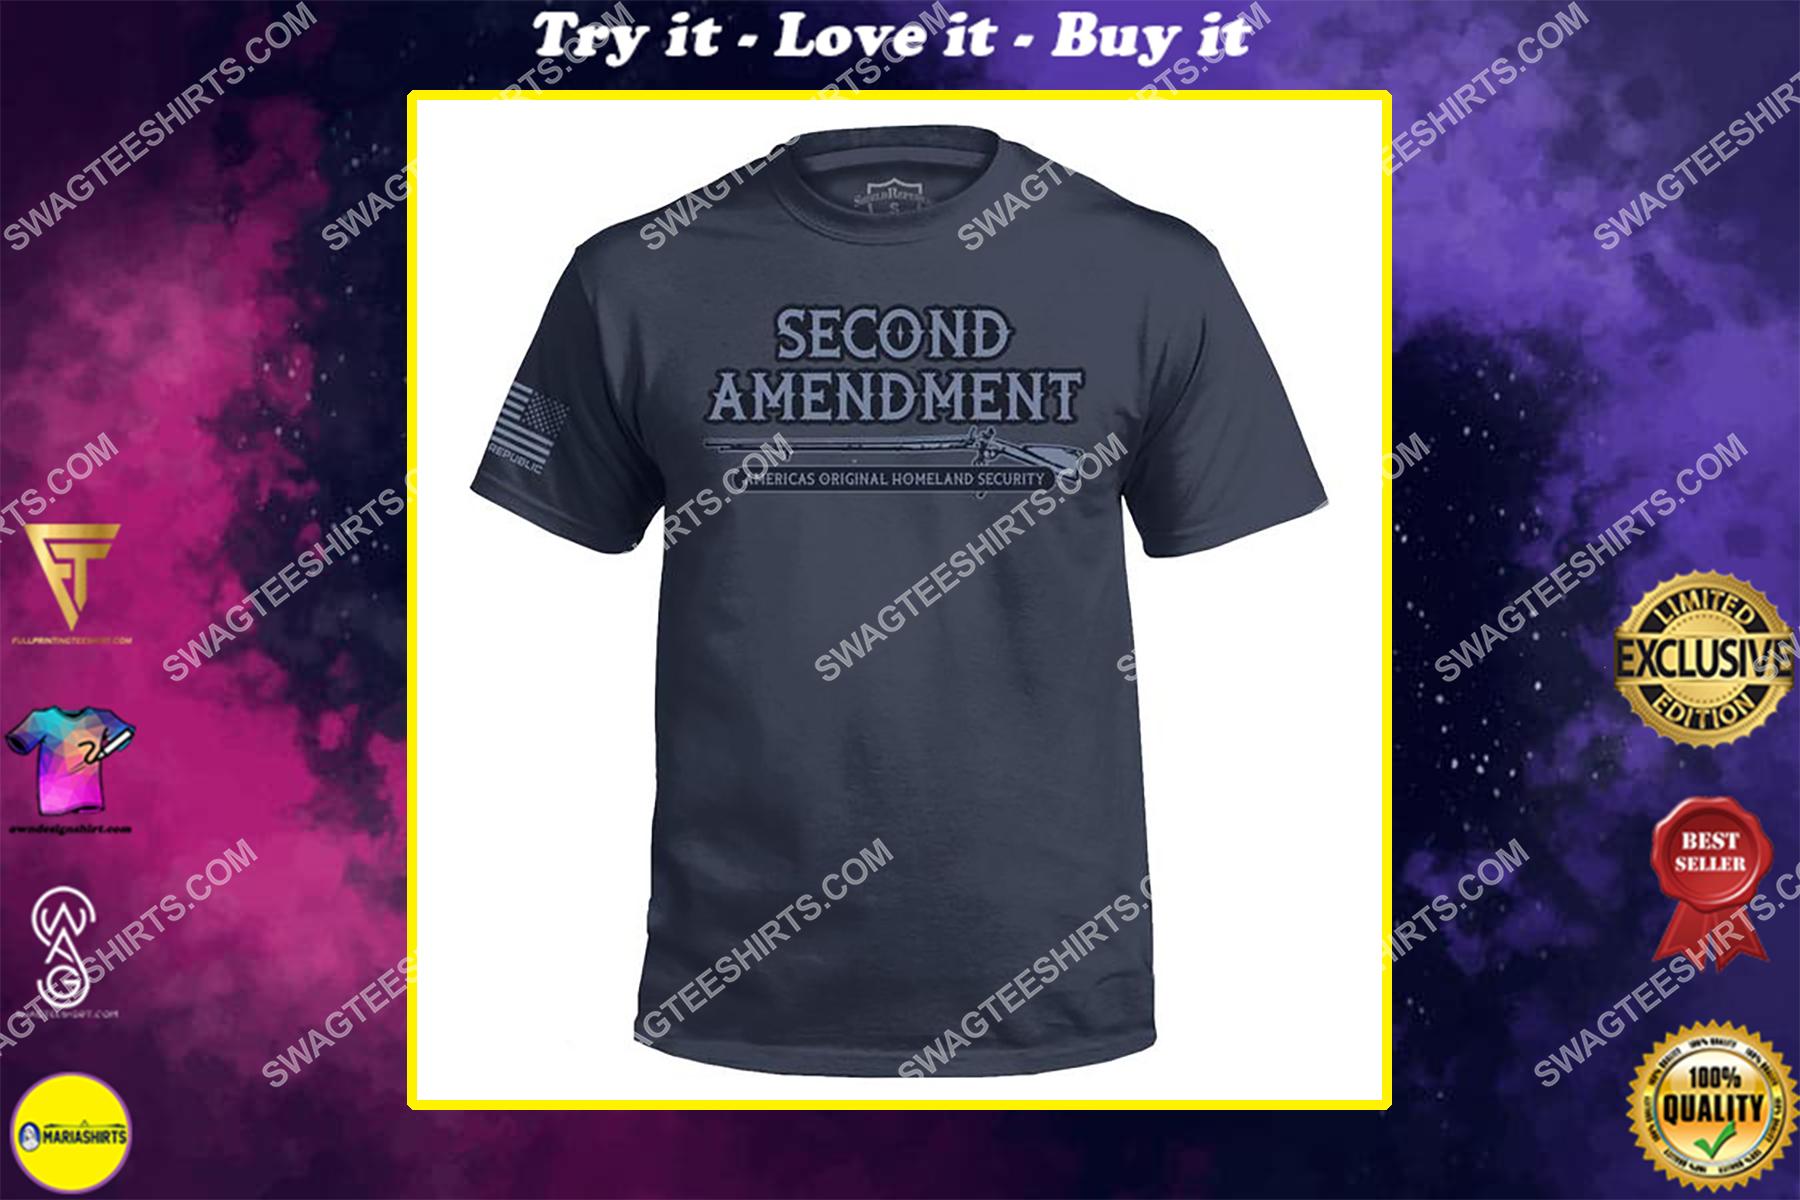 the second amendment america's original homeland security shirt